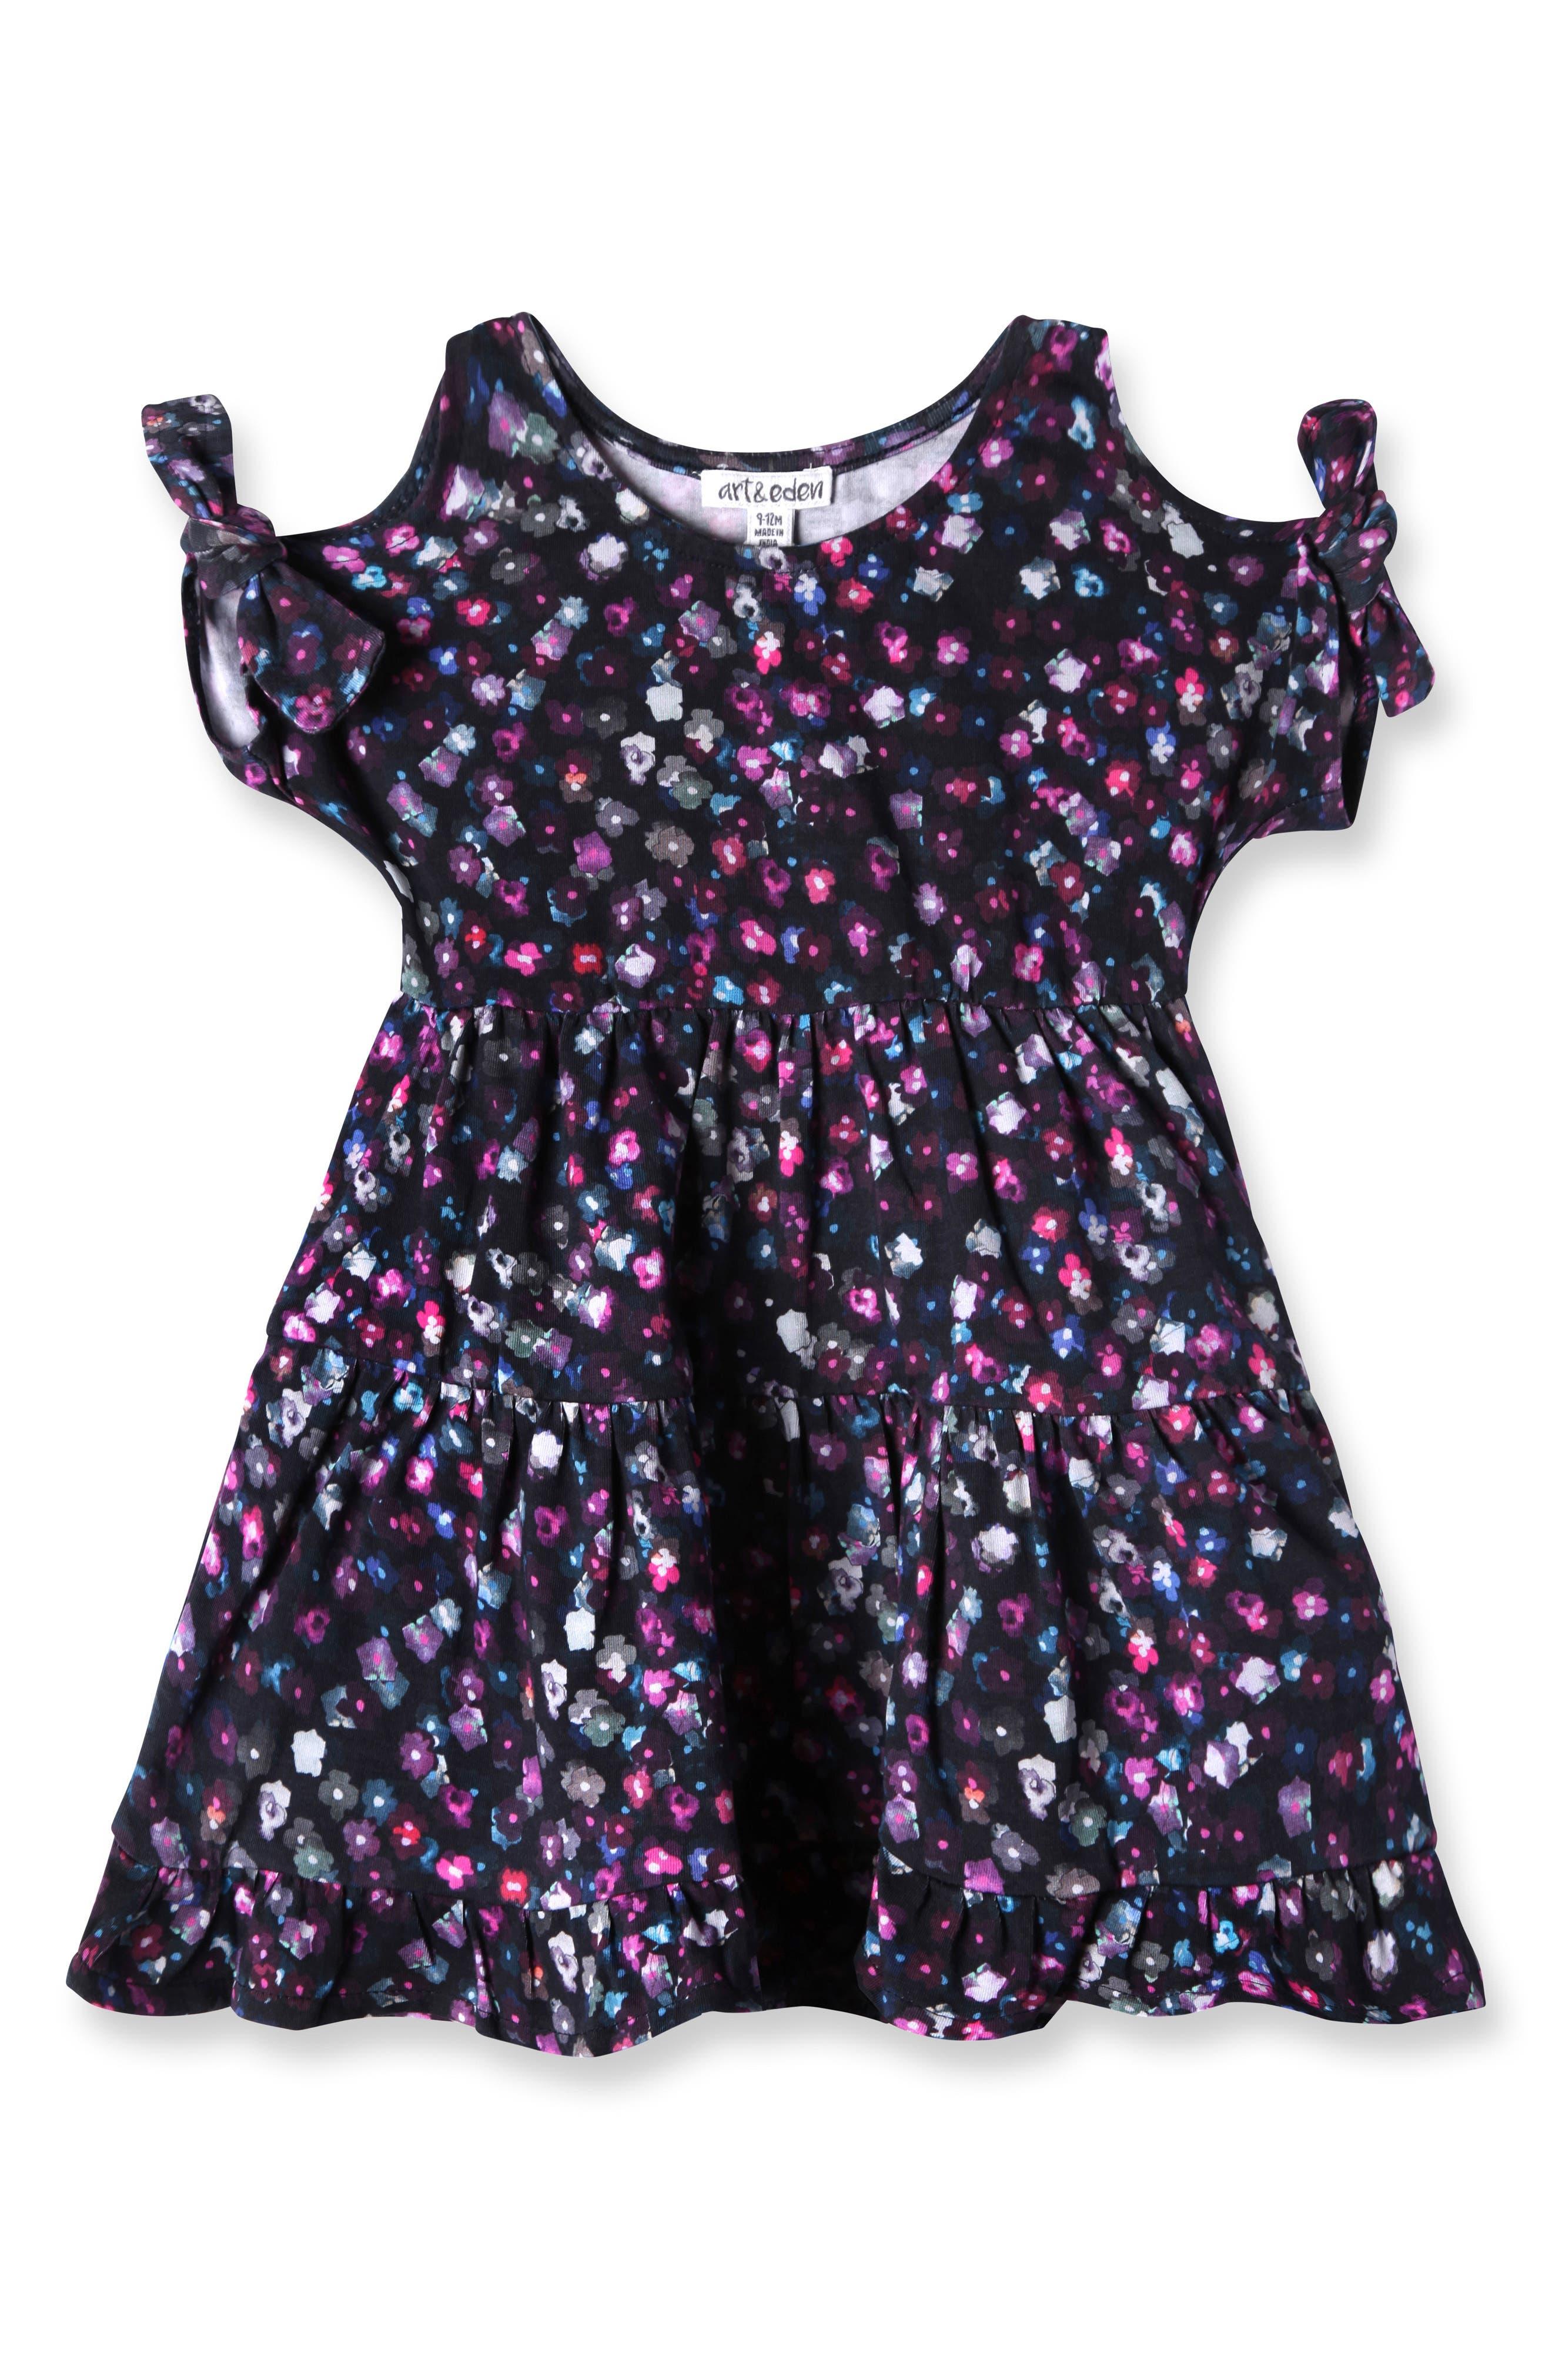 Alternate Image 1 Selected - Art & Eden Emma Cold Shoulder Dress (Baby Girls)